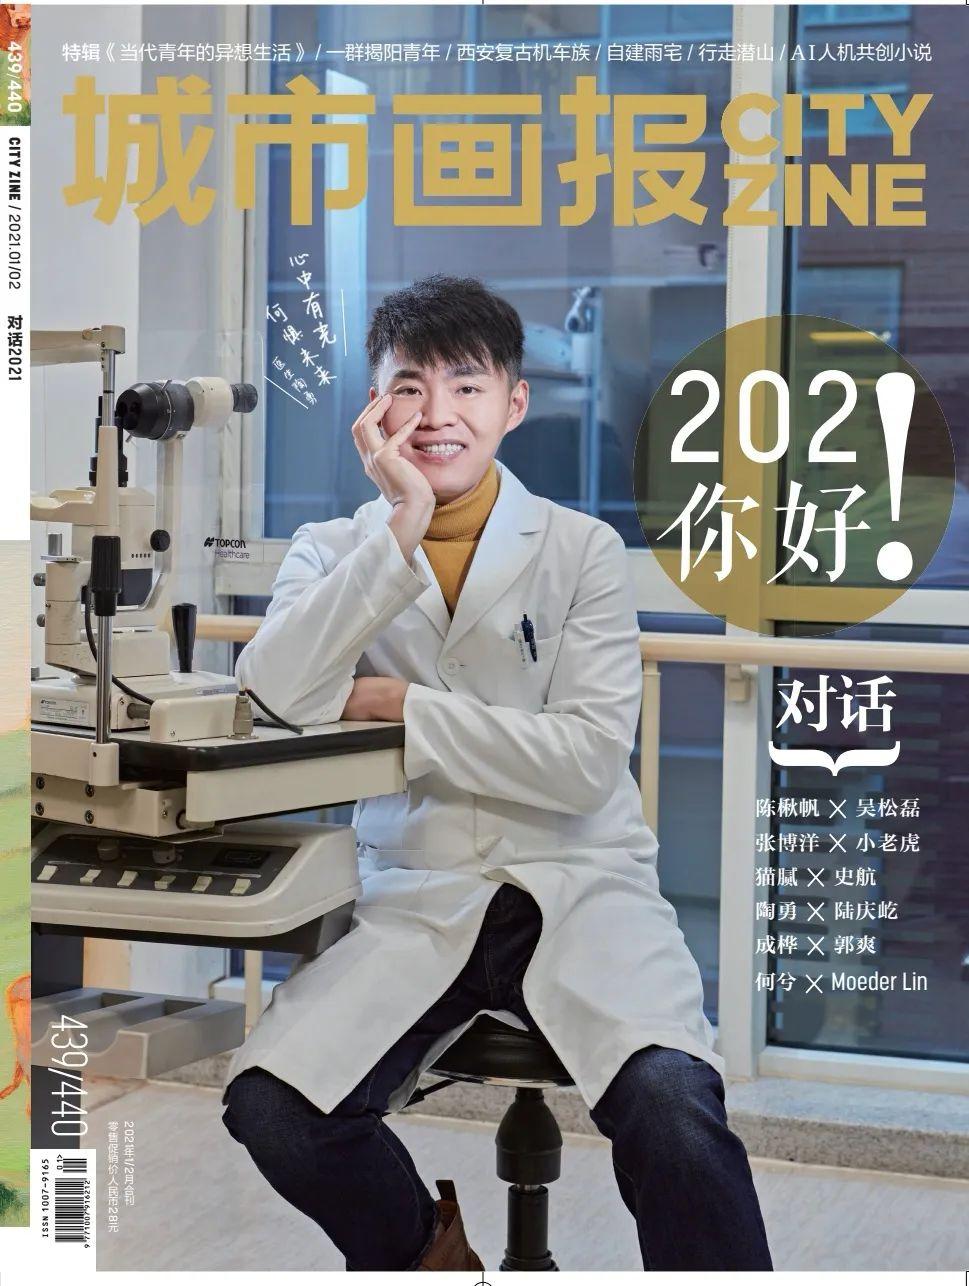 2021的改变,从一本好杂志开始 || Chin@美物